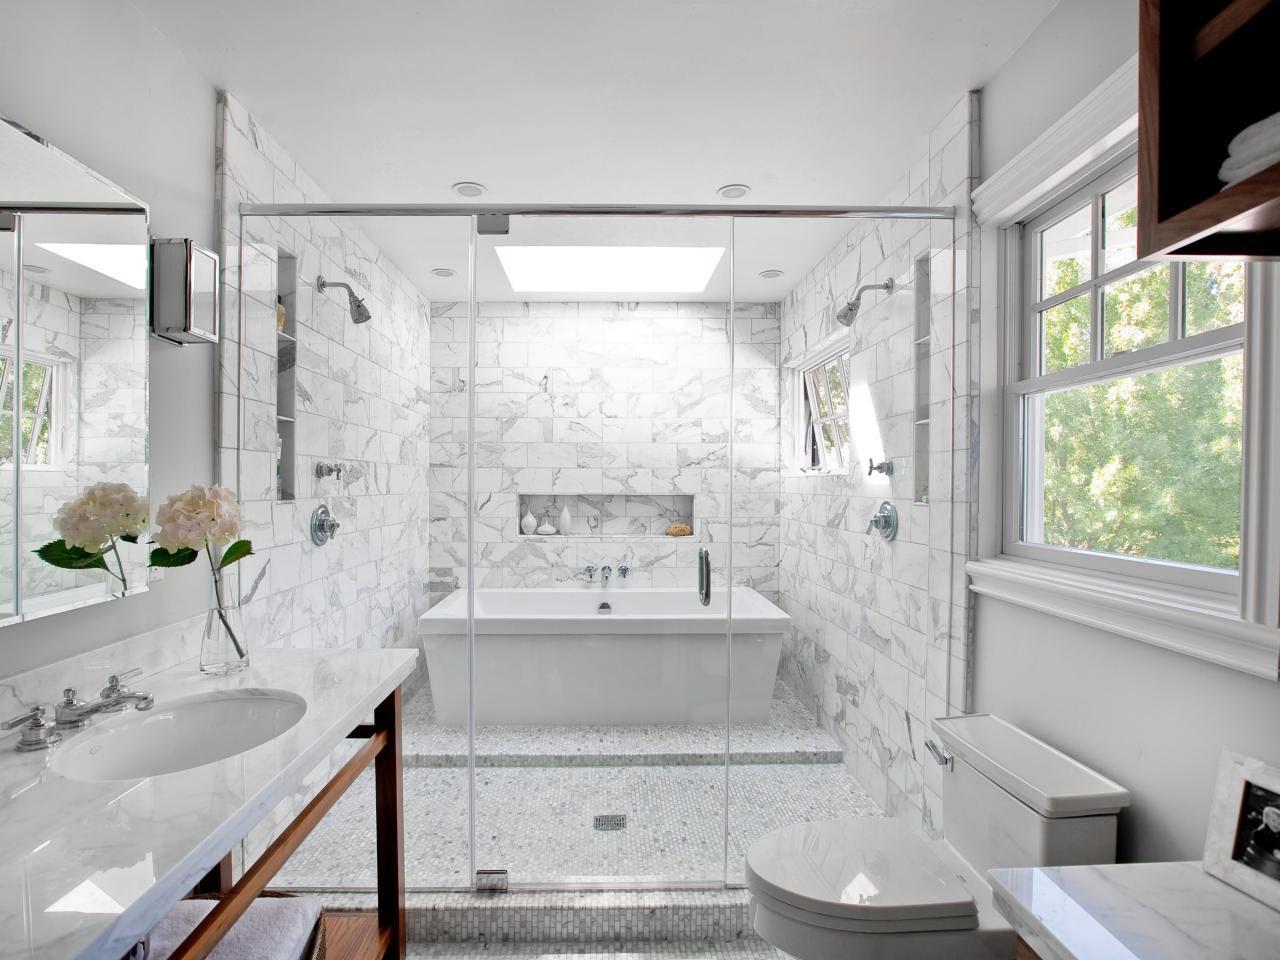 bathroom decoration ideas.htm 26 tiled shower designs trends 2018 interior decorating colors  26 tiled shower designs trends 2018